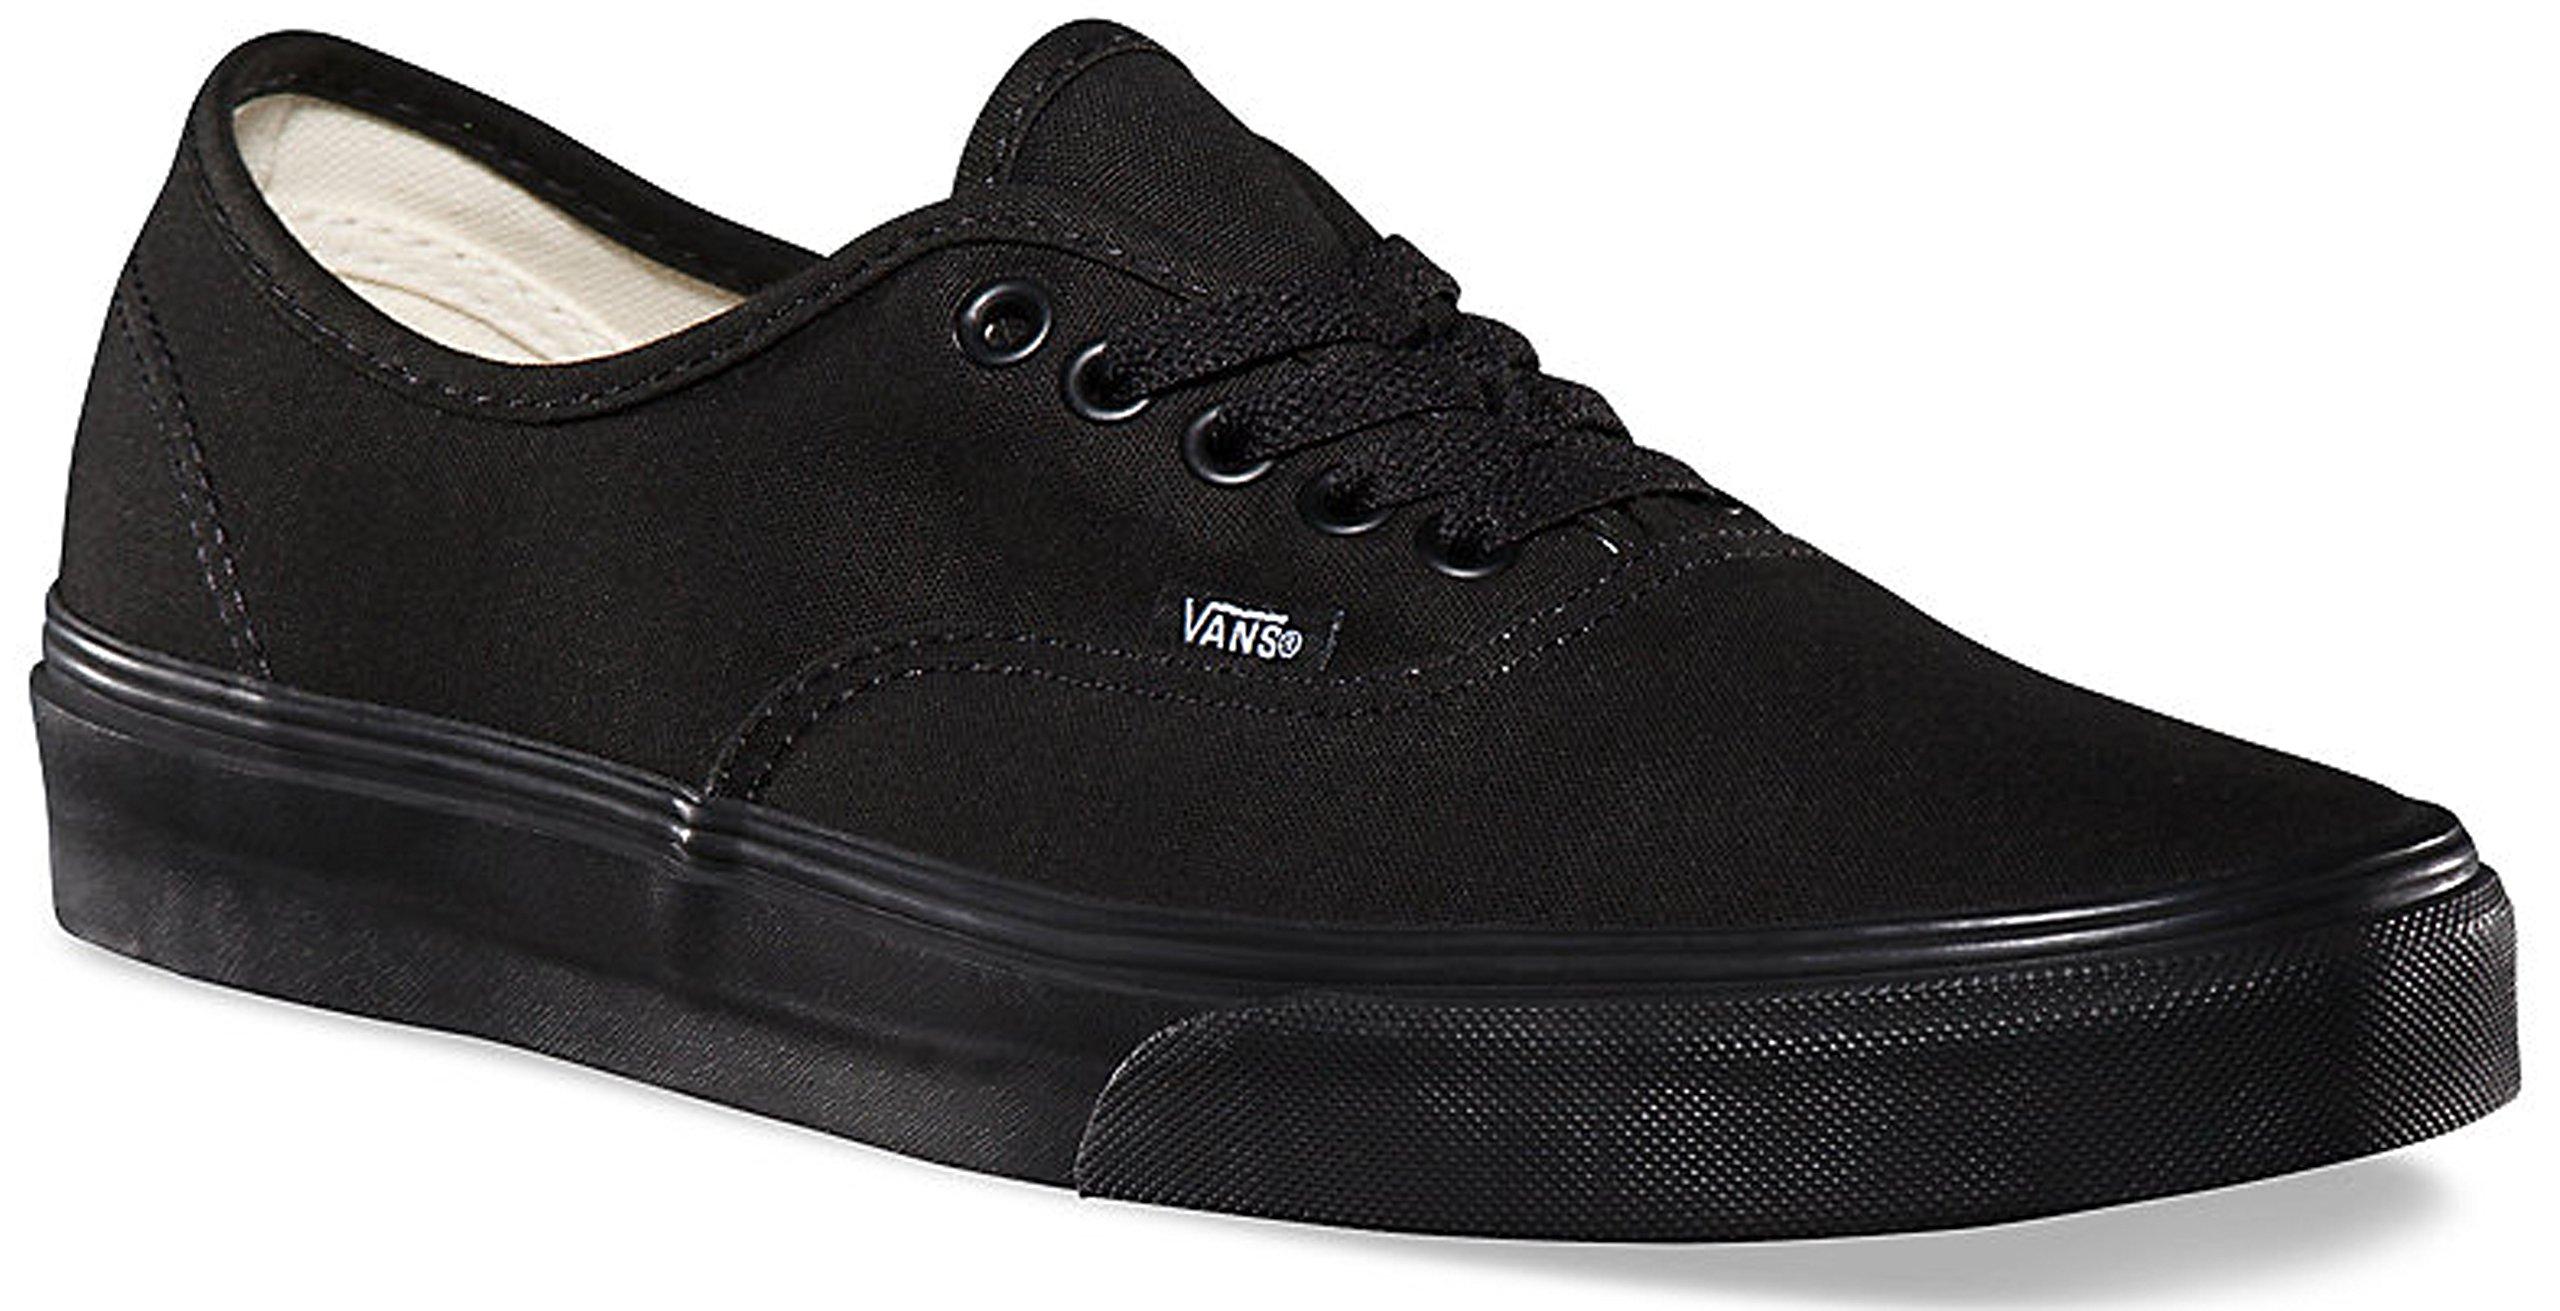 Vans Authentic Unisex Skate Trainers Shoes Black/Black 9.5 B(M) US Women / 8 D(M) US Men by Vans